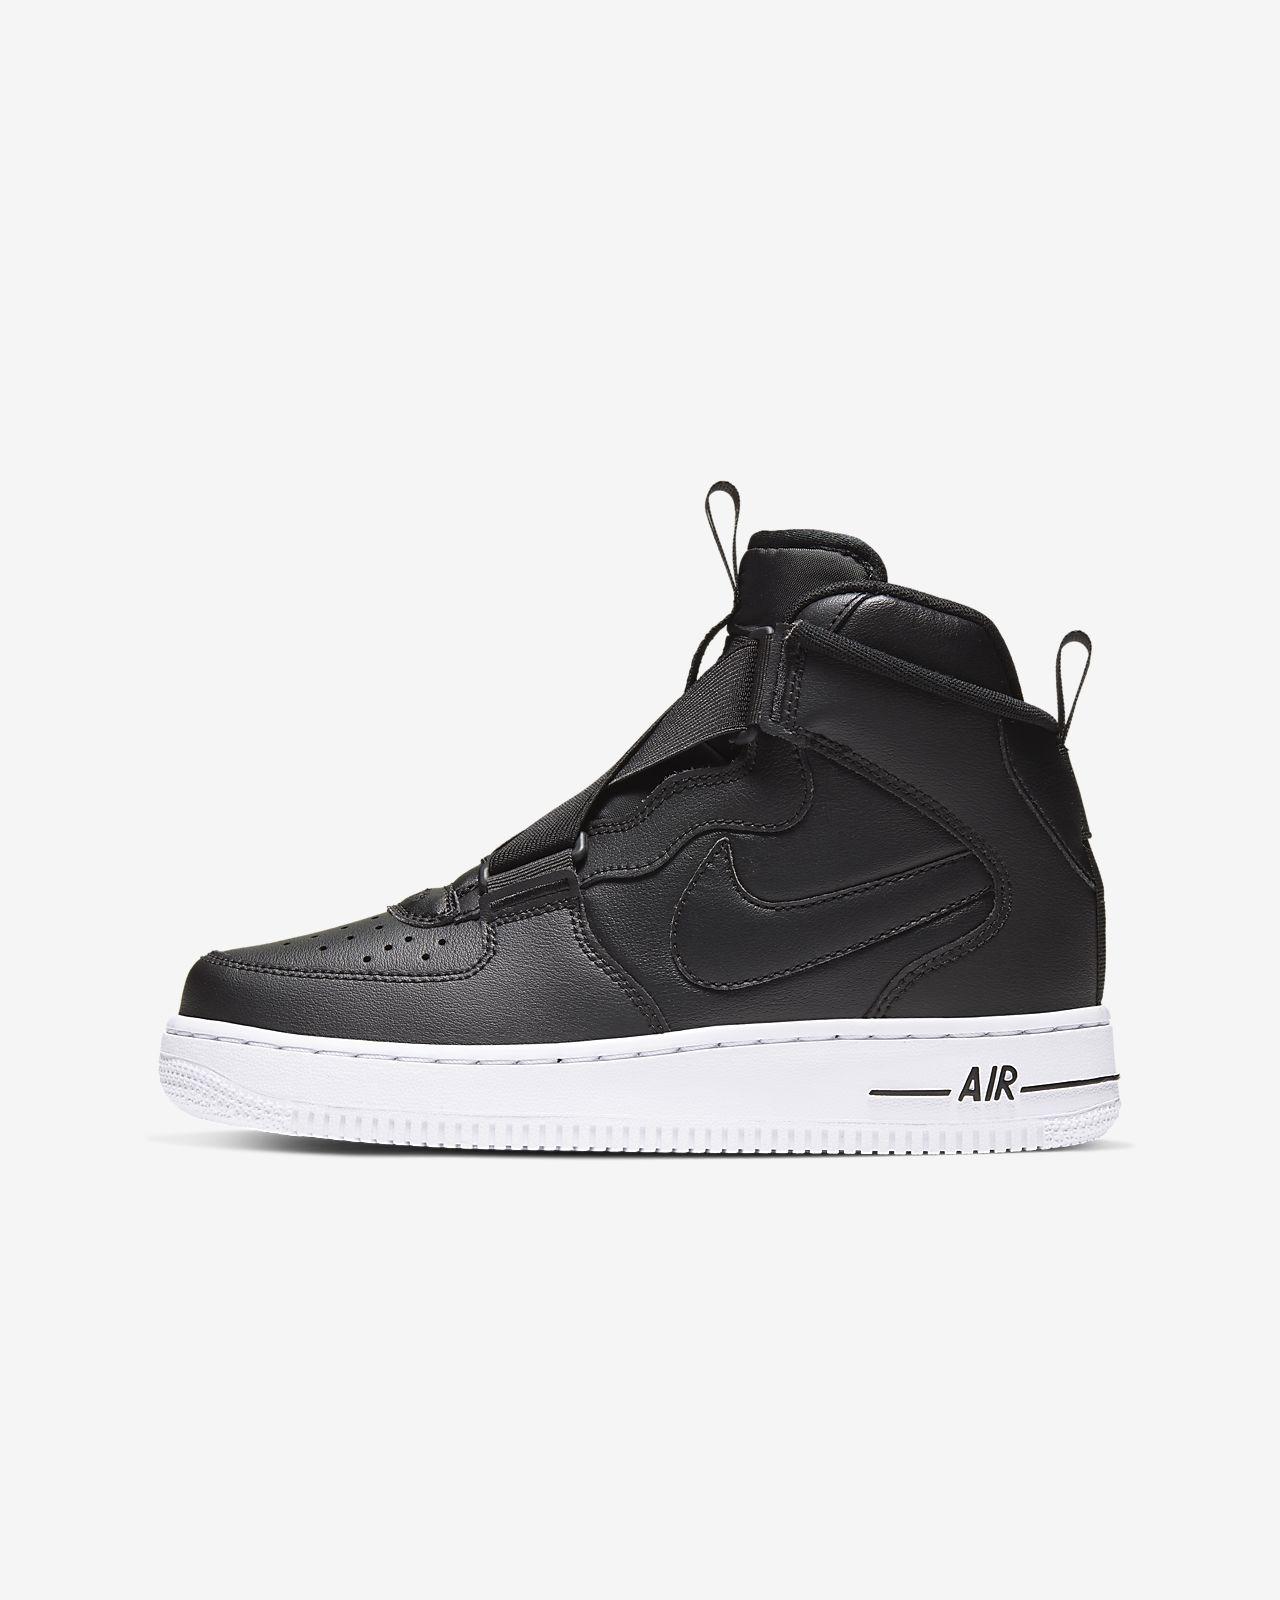 Nike Air Force 1 High Top Herrenschuhe klassisch Weiß